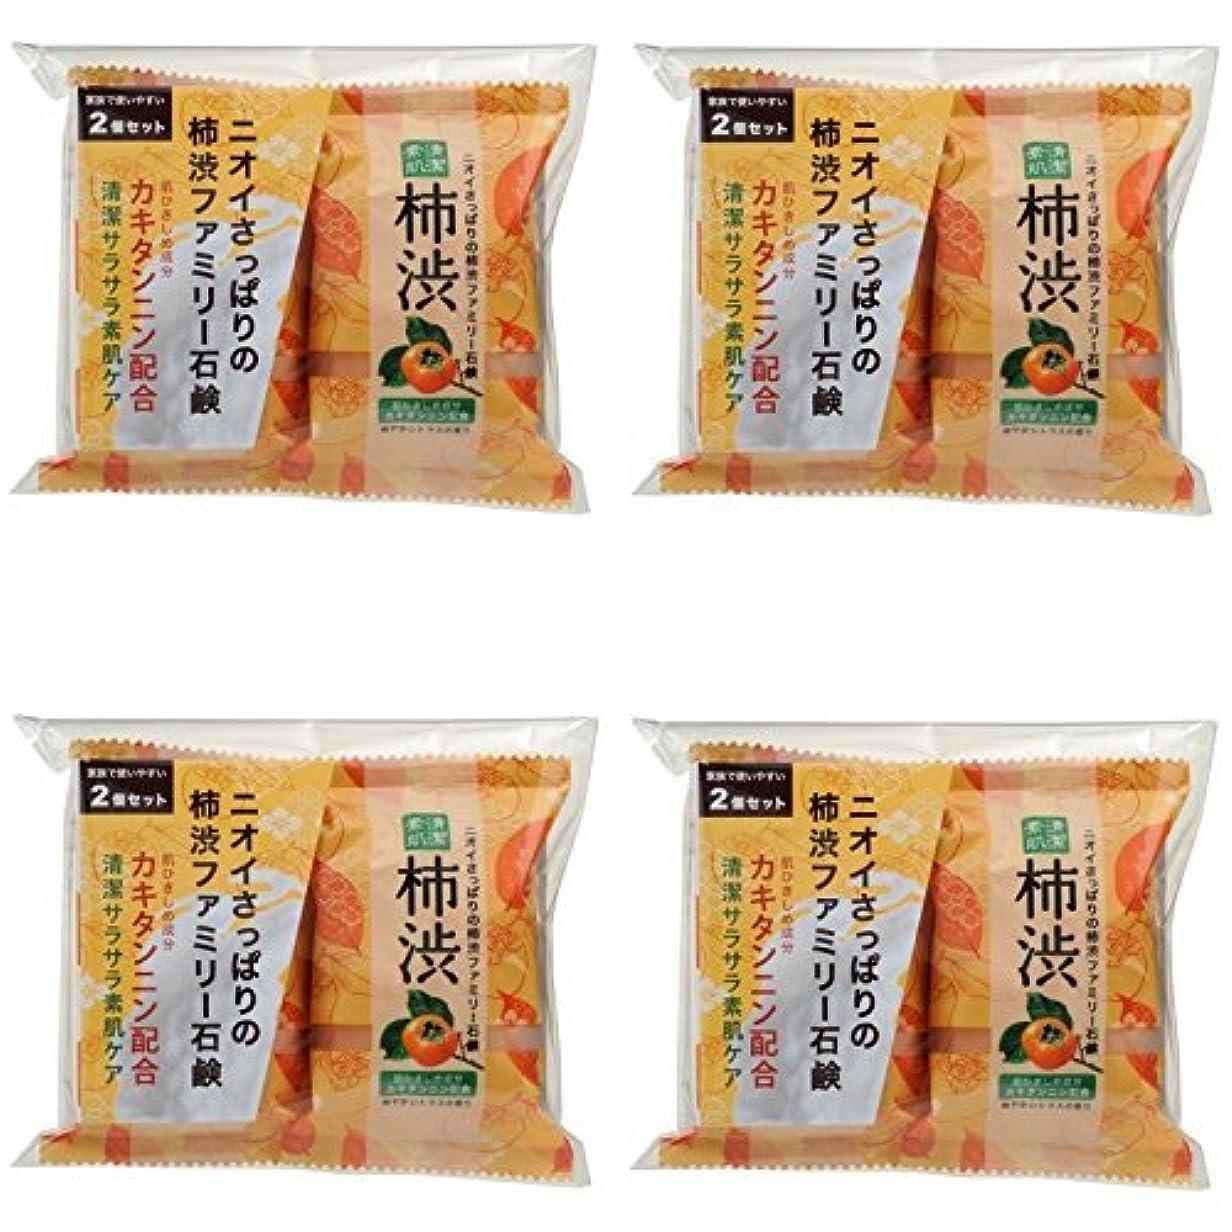 羊バーチート【まとめ買い】ファミリー柿渋石けん2コパック【×4袋】